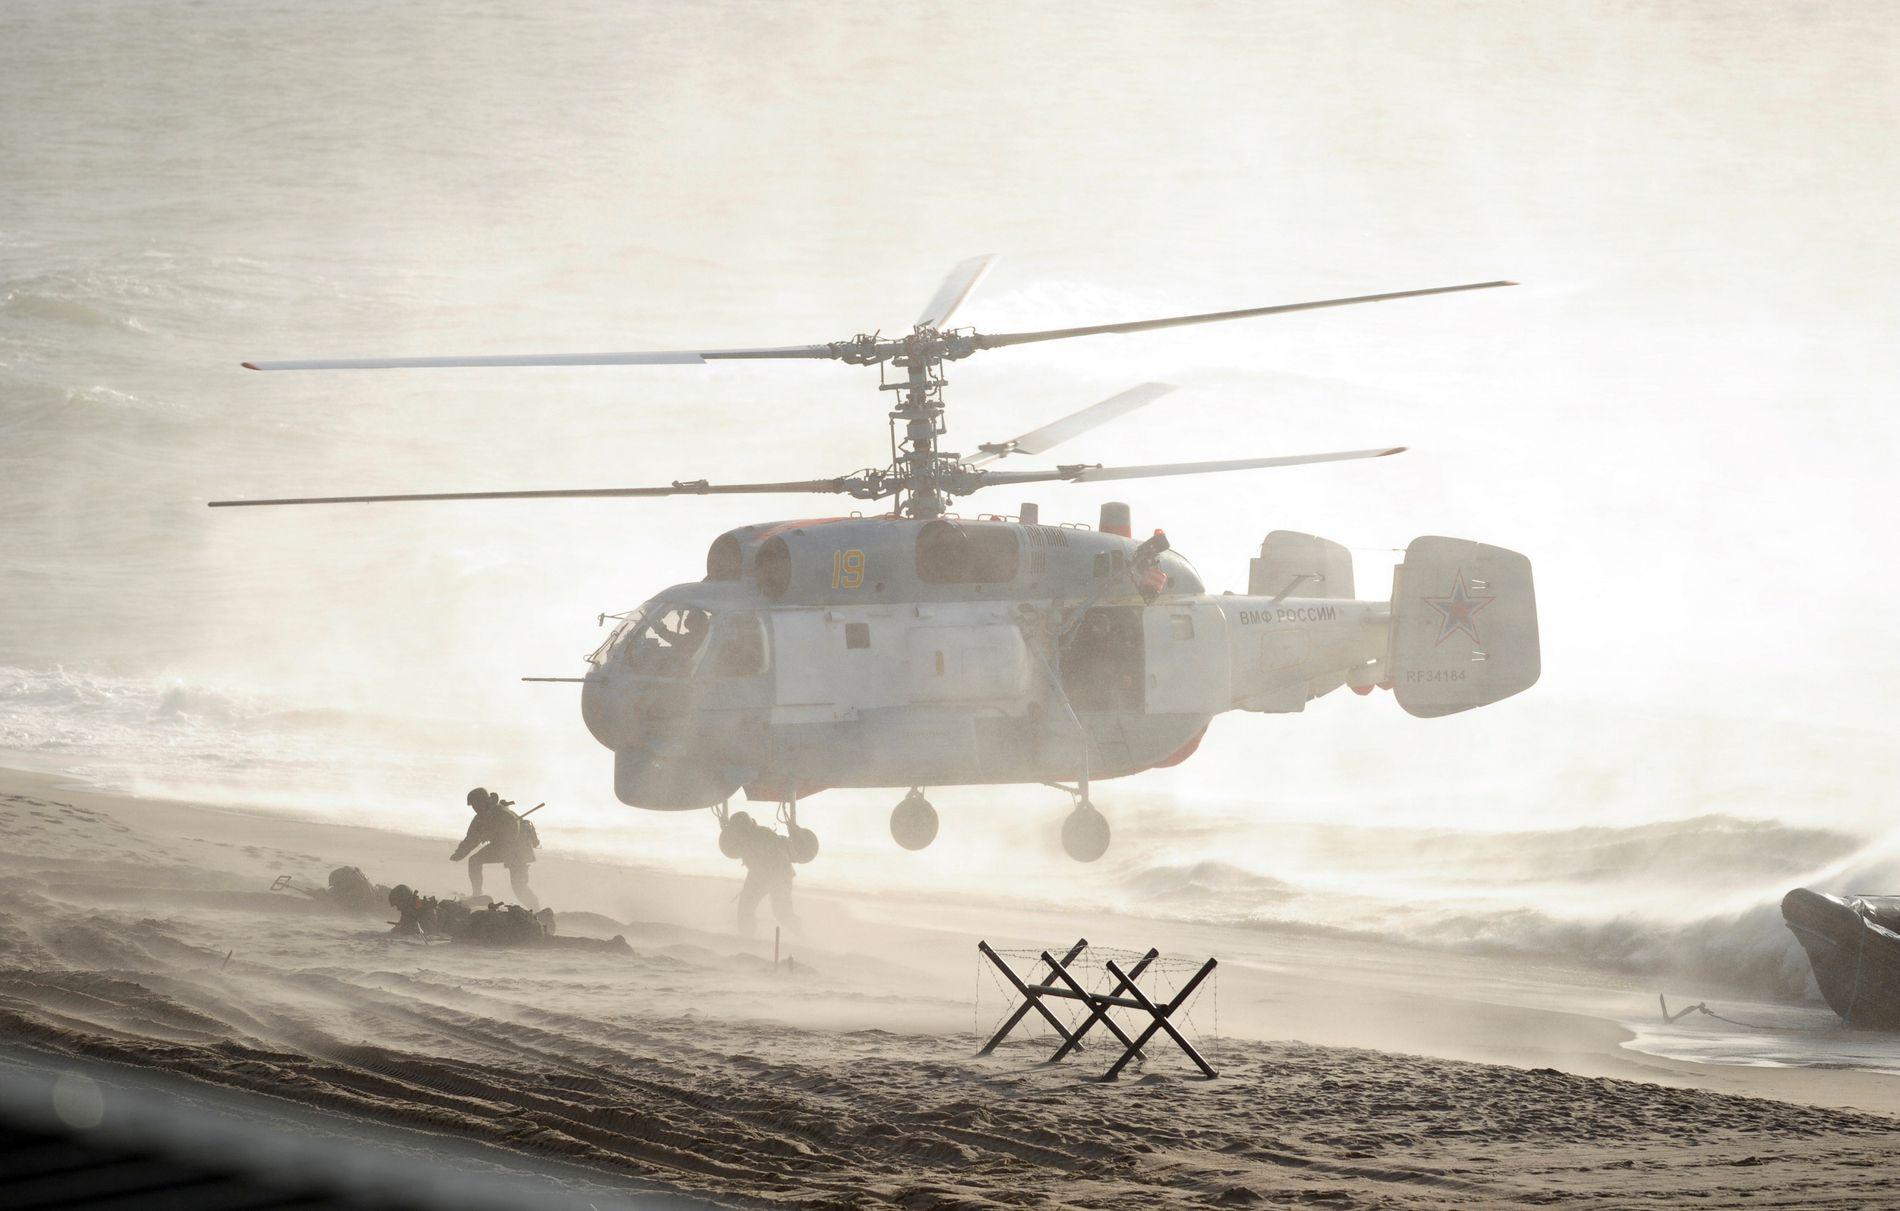 ØVER IGJEN: Det russiske forsvaret øvde på landsetting av styrker lang Russlands Østersjø-kyst under Zapad-øvelsen i 2013.